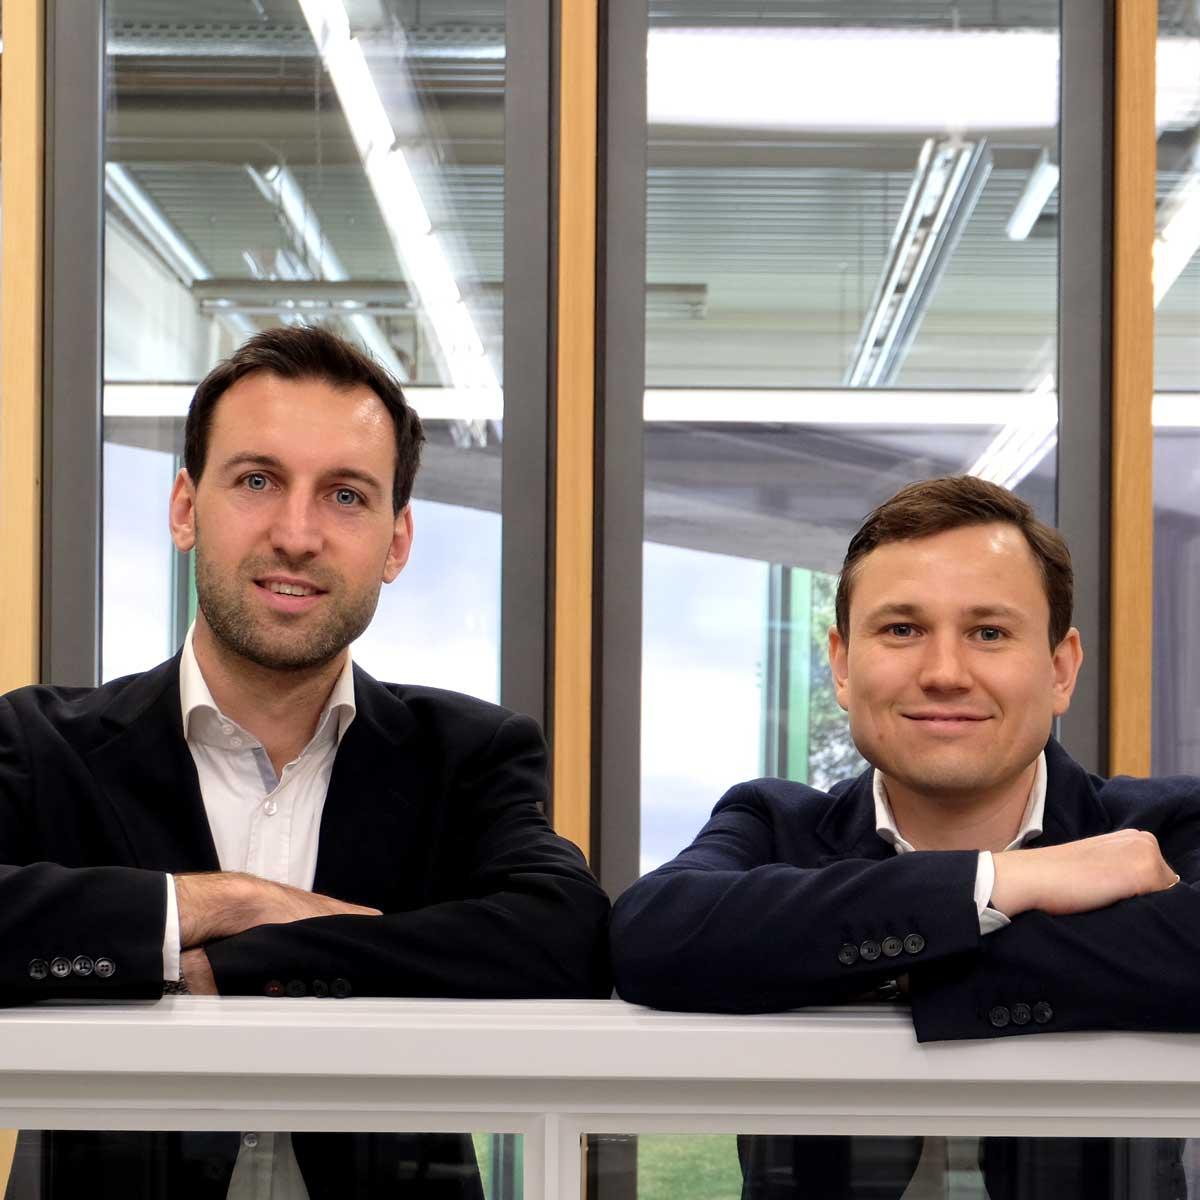 Kariere: Geschäftsleitung Jonas & Bastian